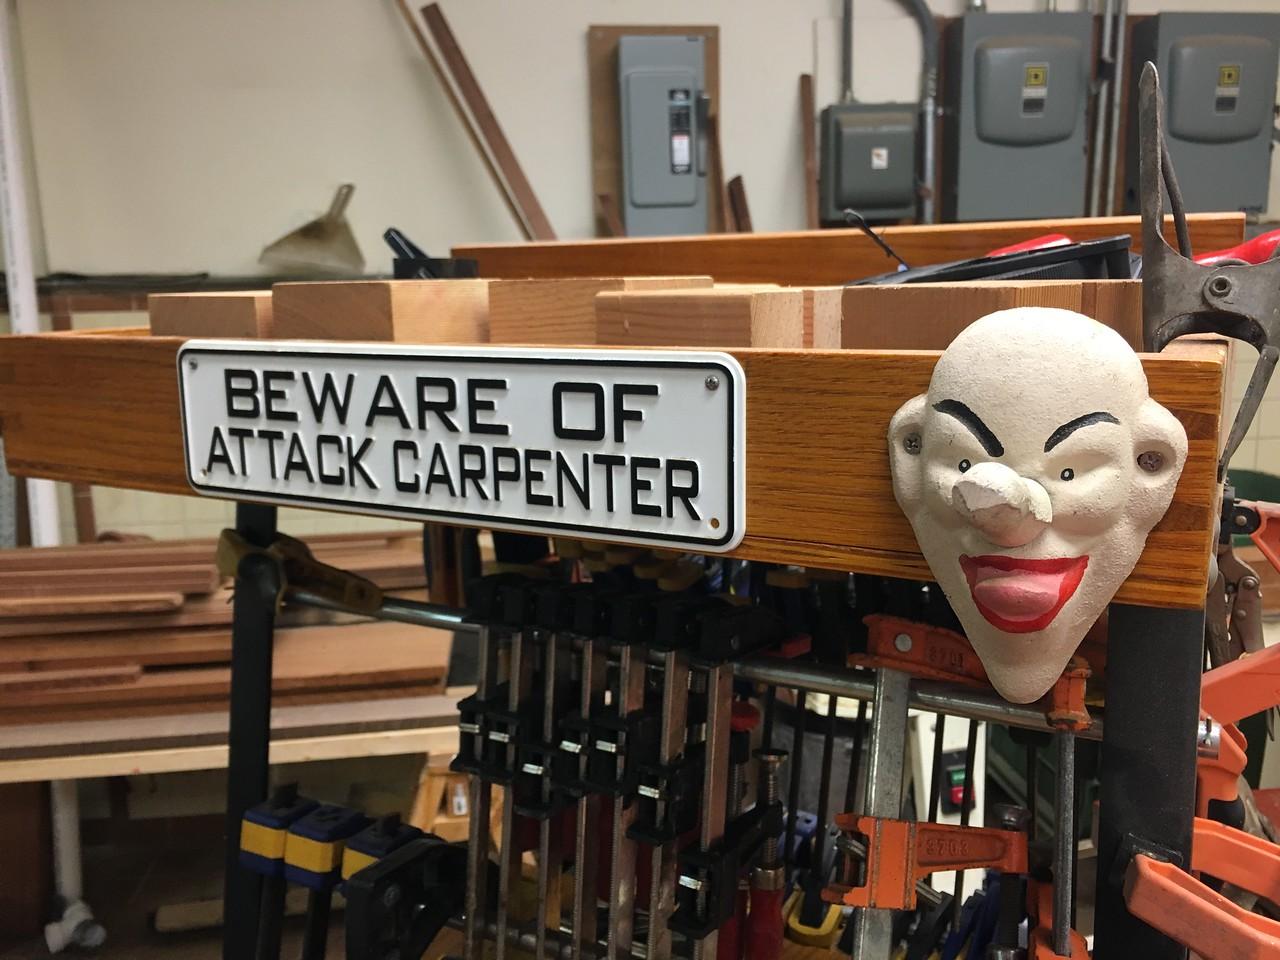 Attack Carpenter